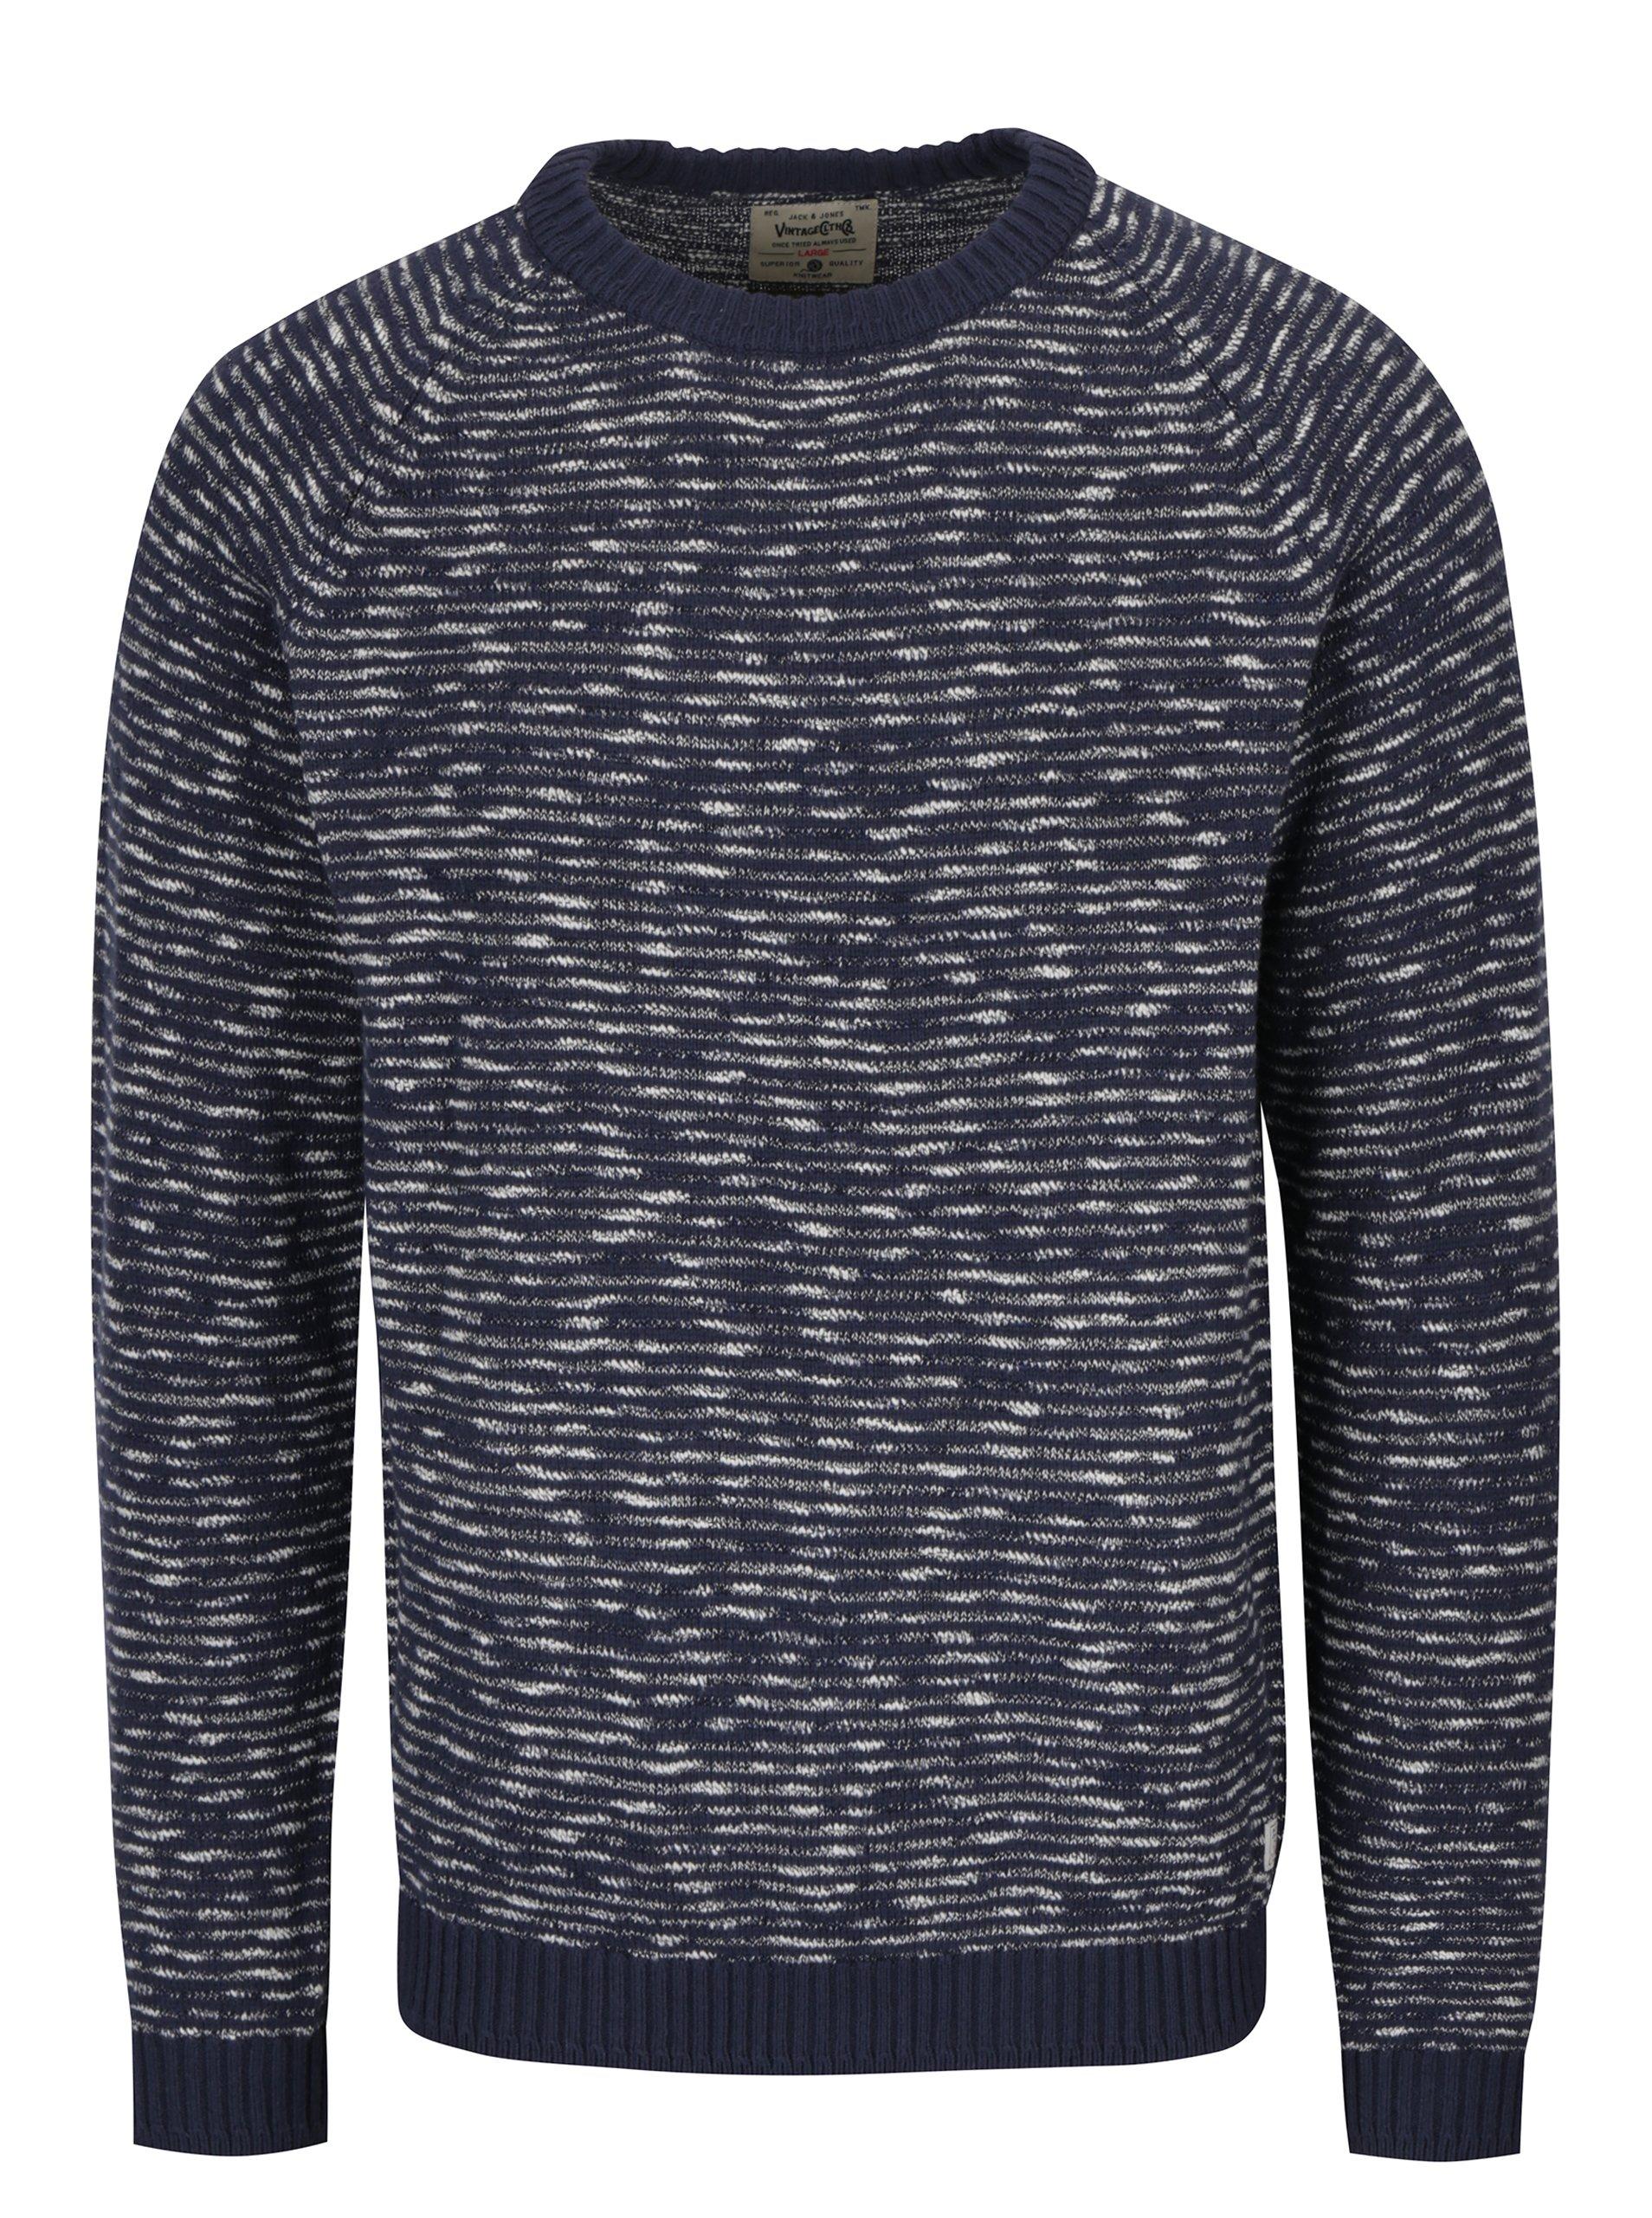 Tmavě modrý vzorovaný svetr s příměsí lnu Jack & Jones Joey